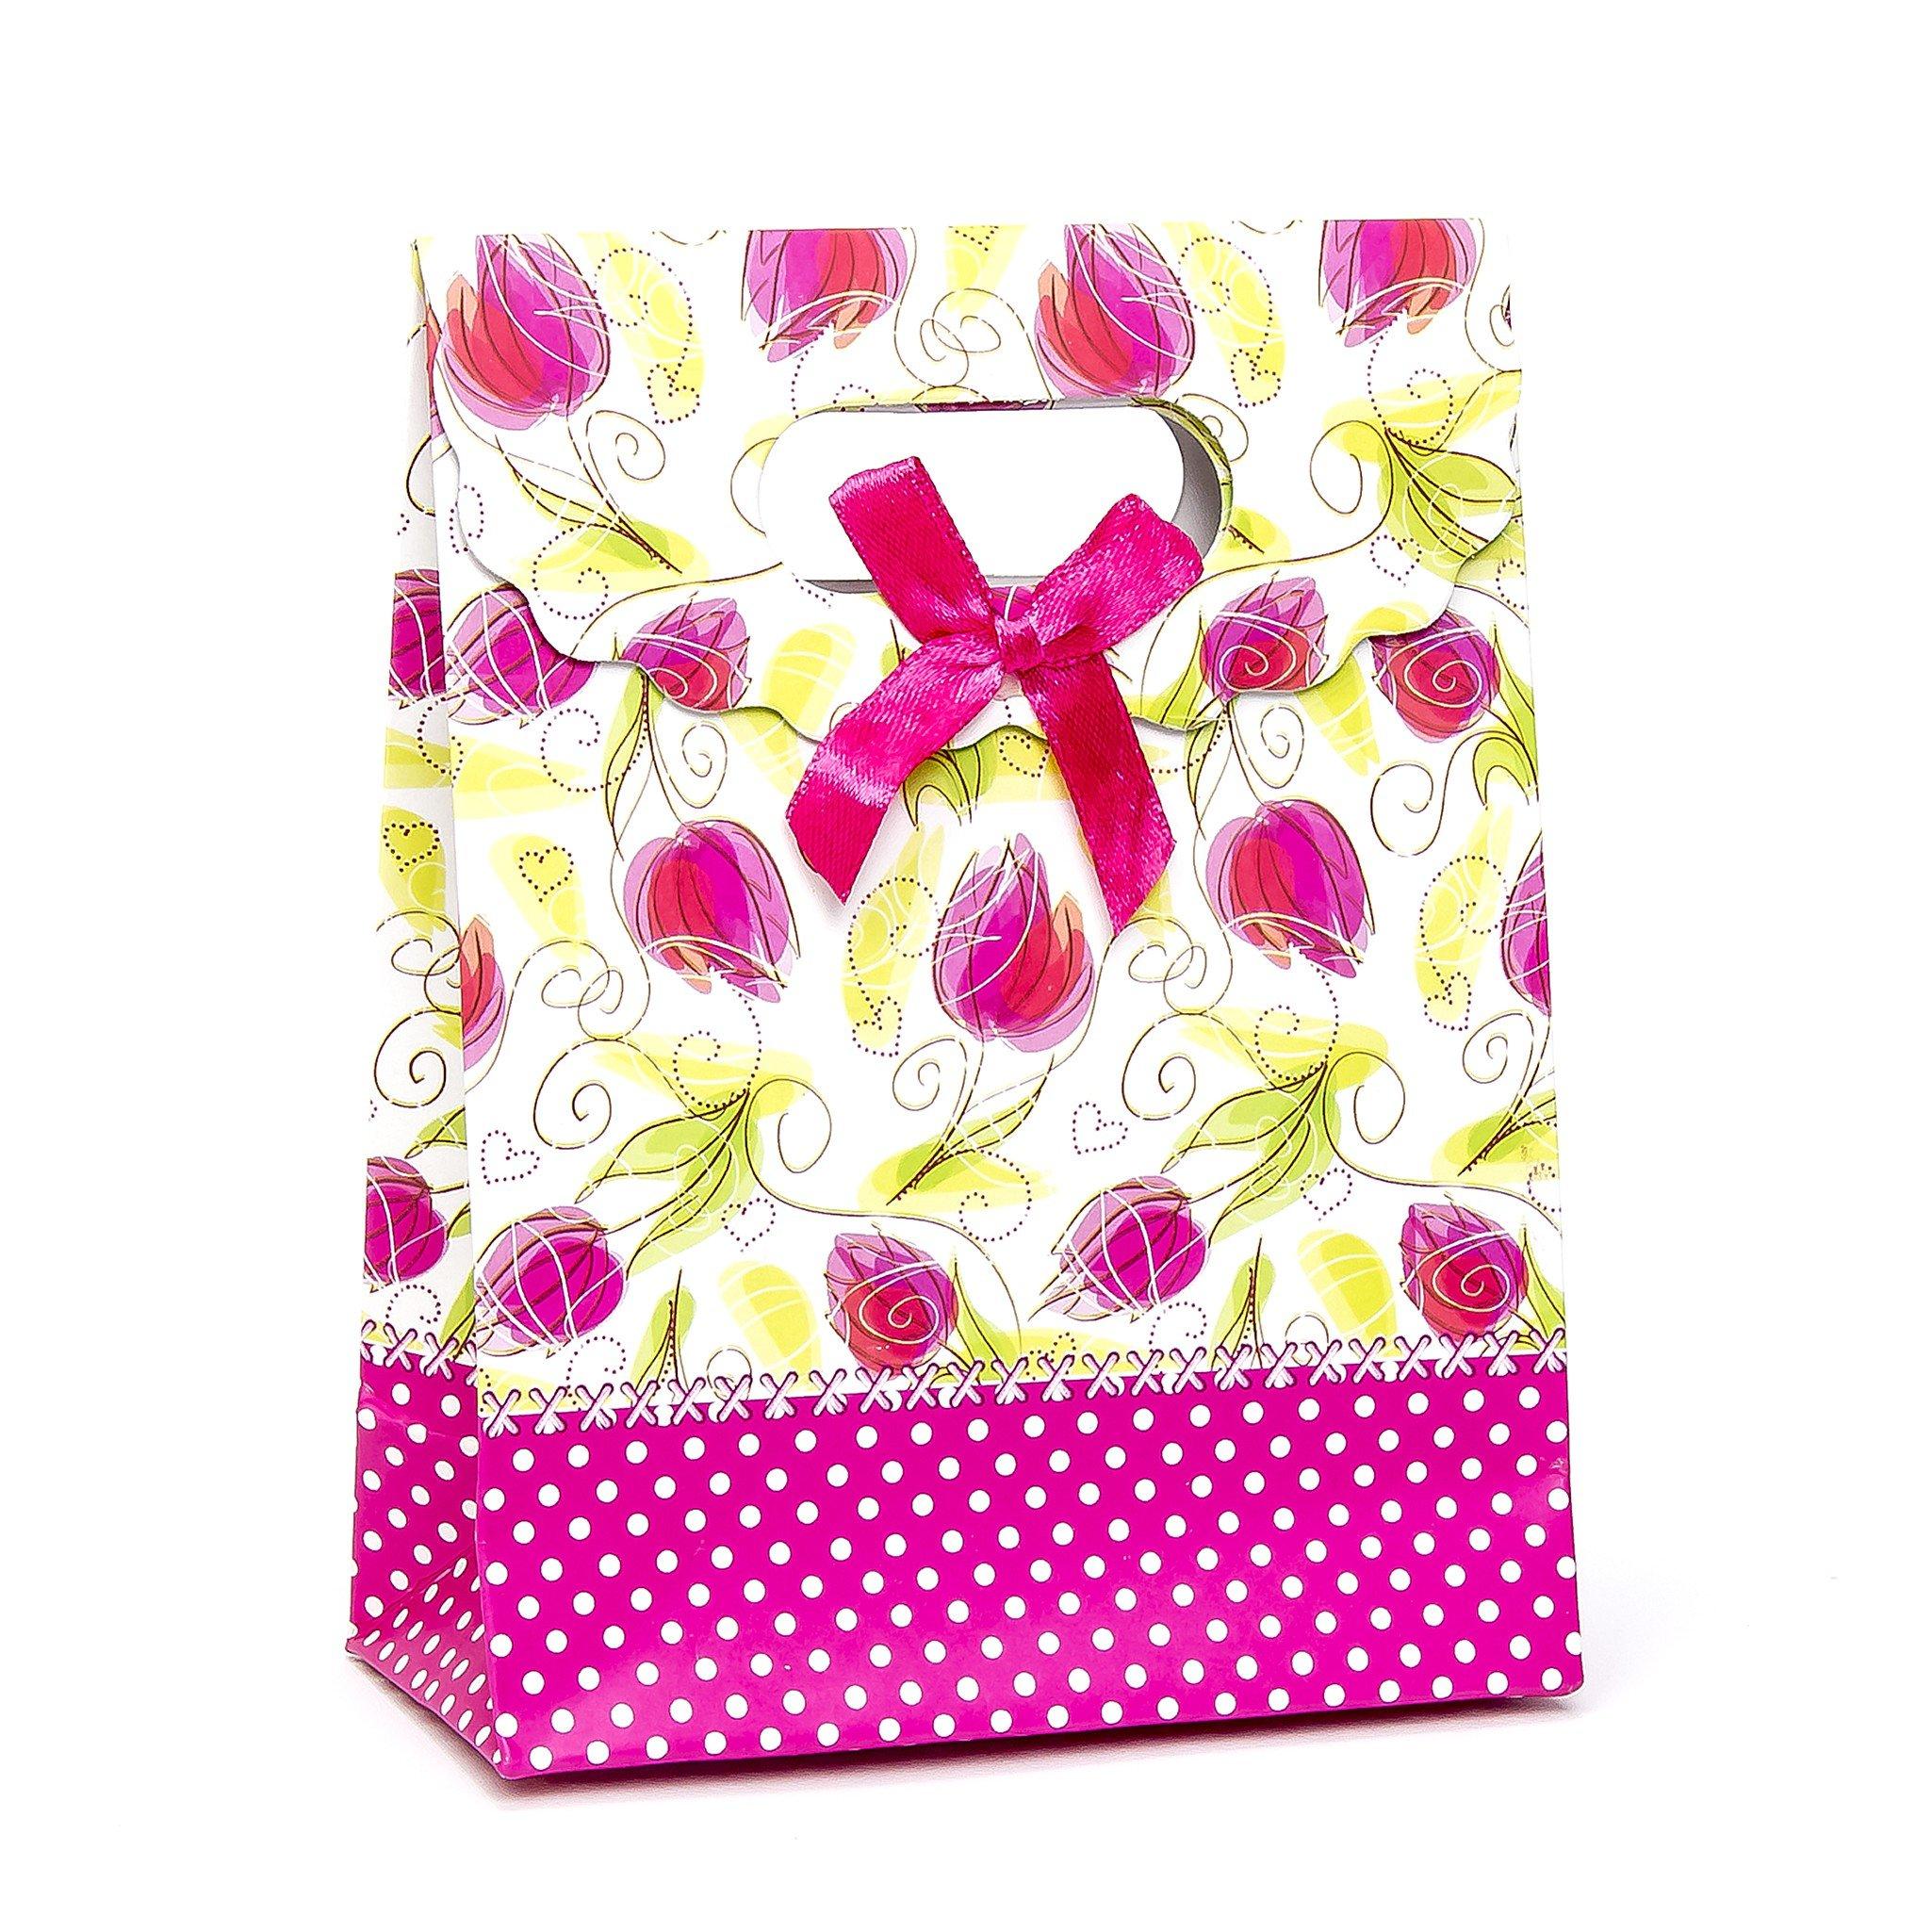 sac cadeau pas cher pochette pour veste homme sac cadeau fraise pas cher pour femme sac cadeau frais. Black Bedroom Furniture Sets. Home Design Ideas